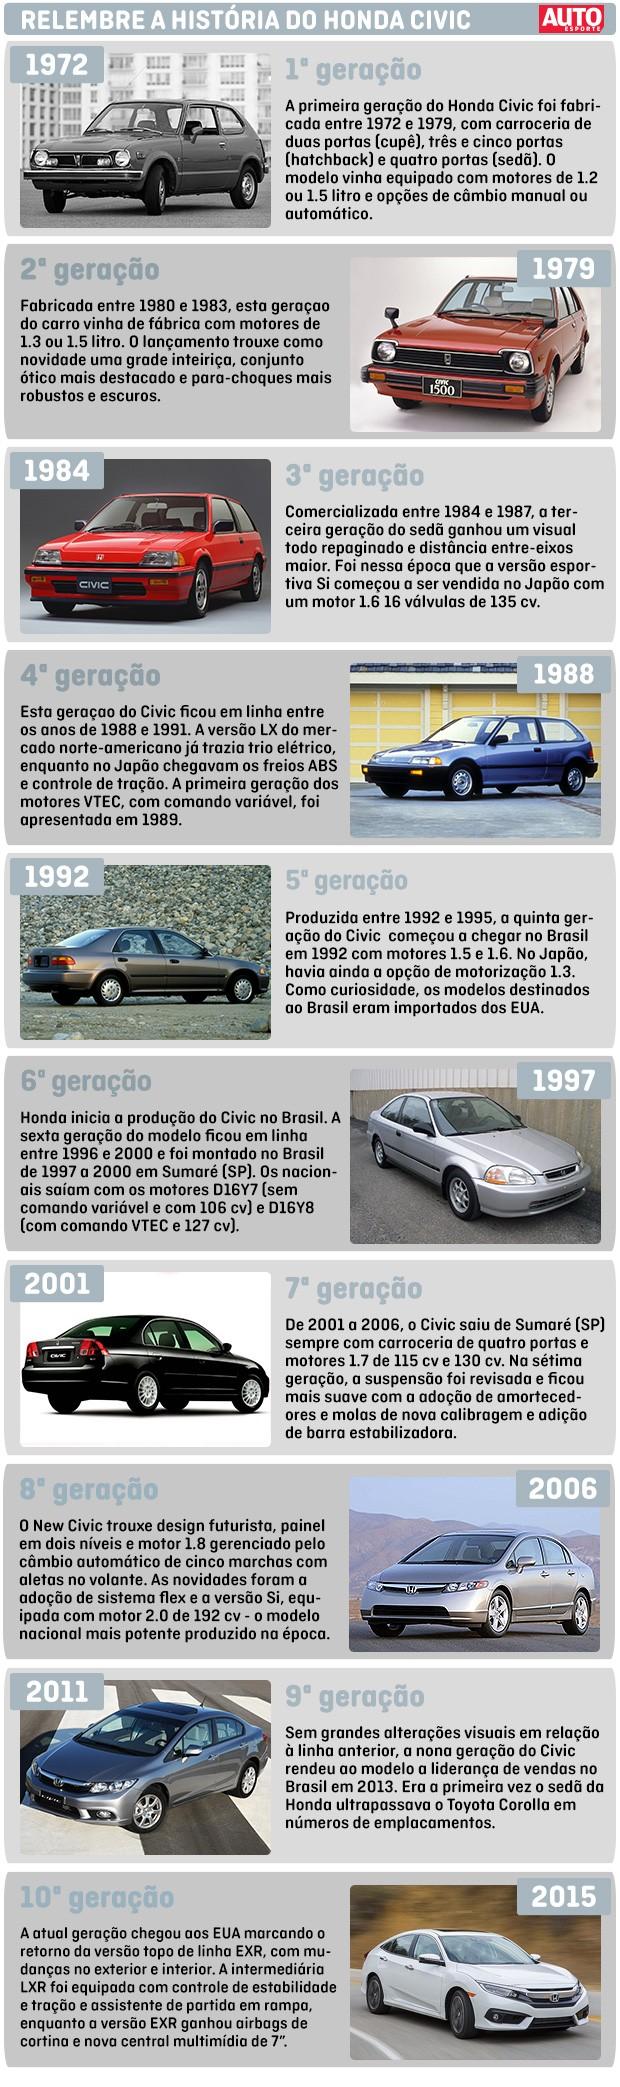 Relembre a história do Honda Civic (Foto: Autoesporte)